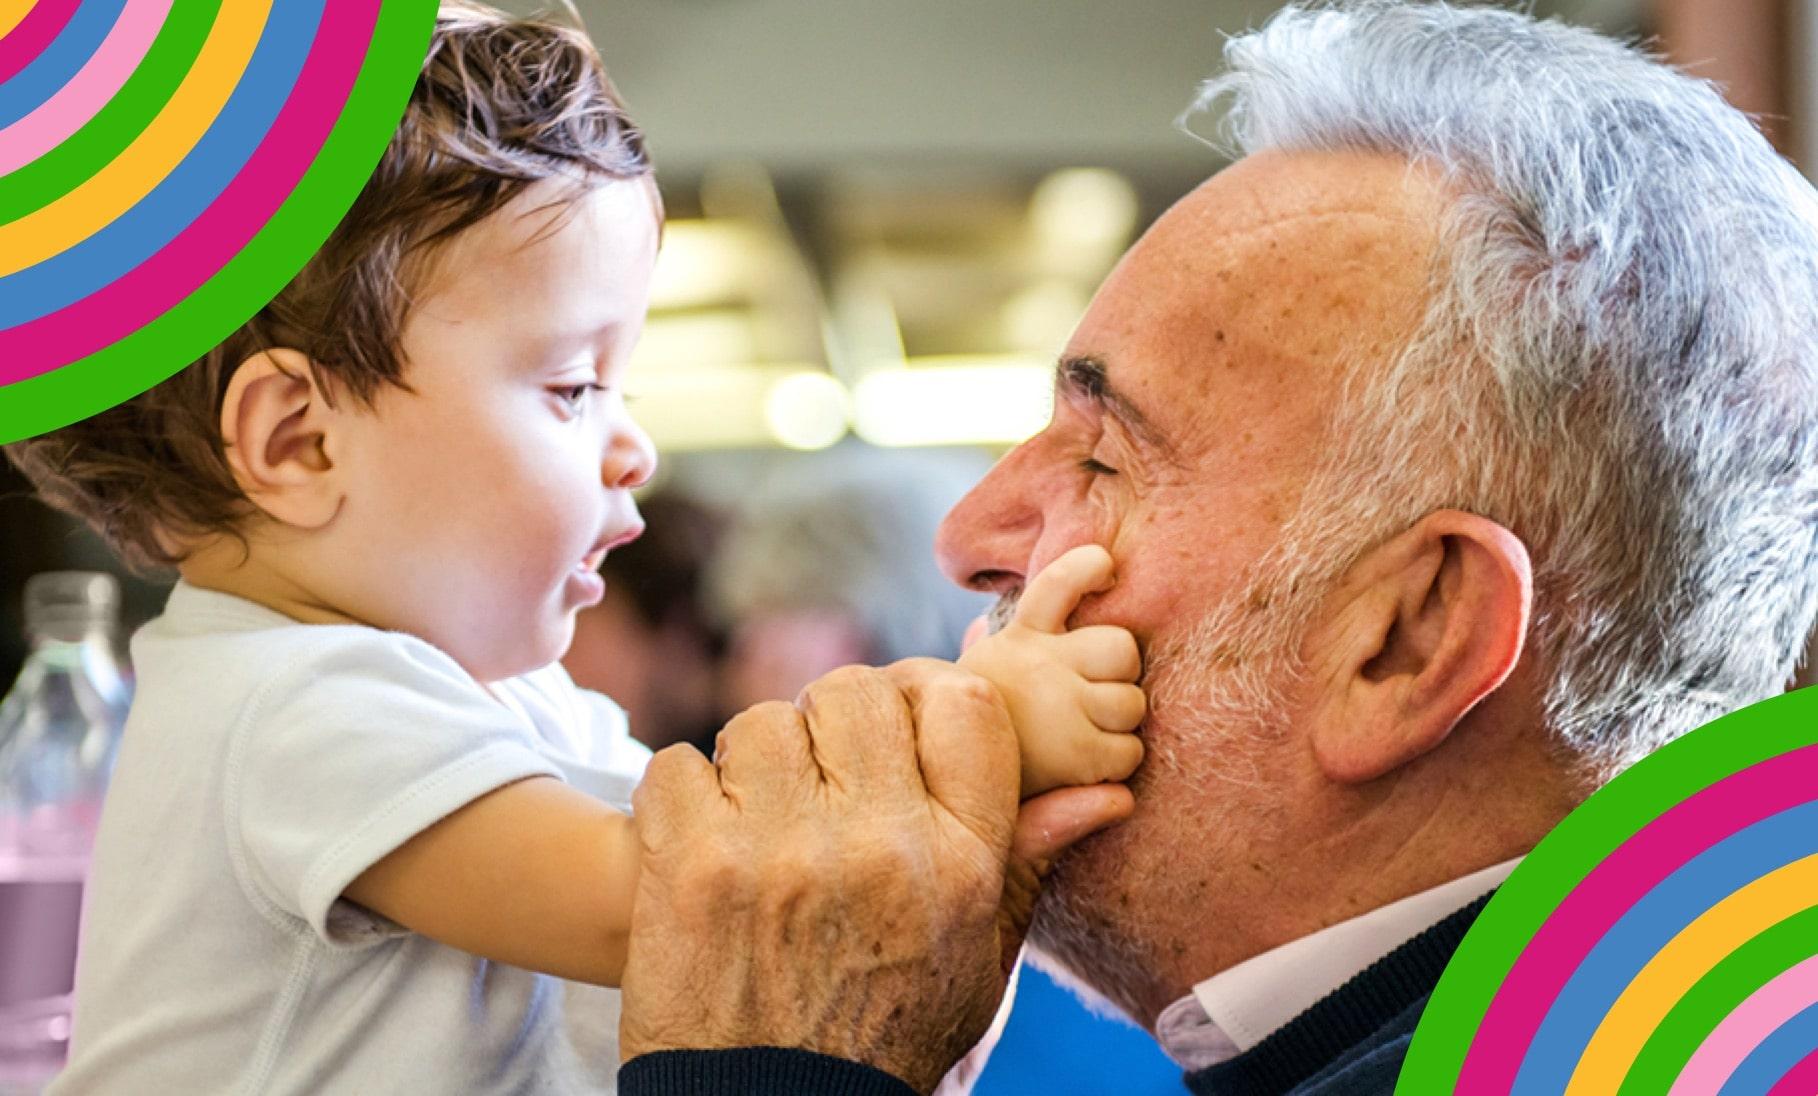 Baby fasst altem Mann ins Gesicht